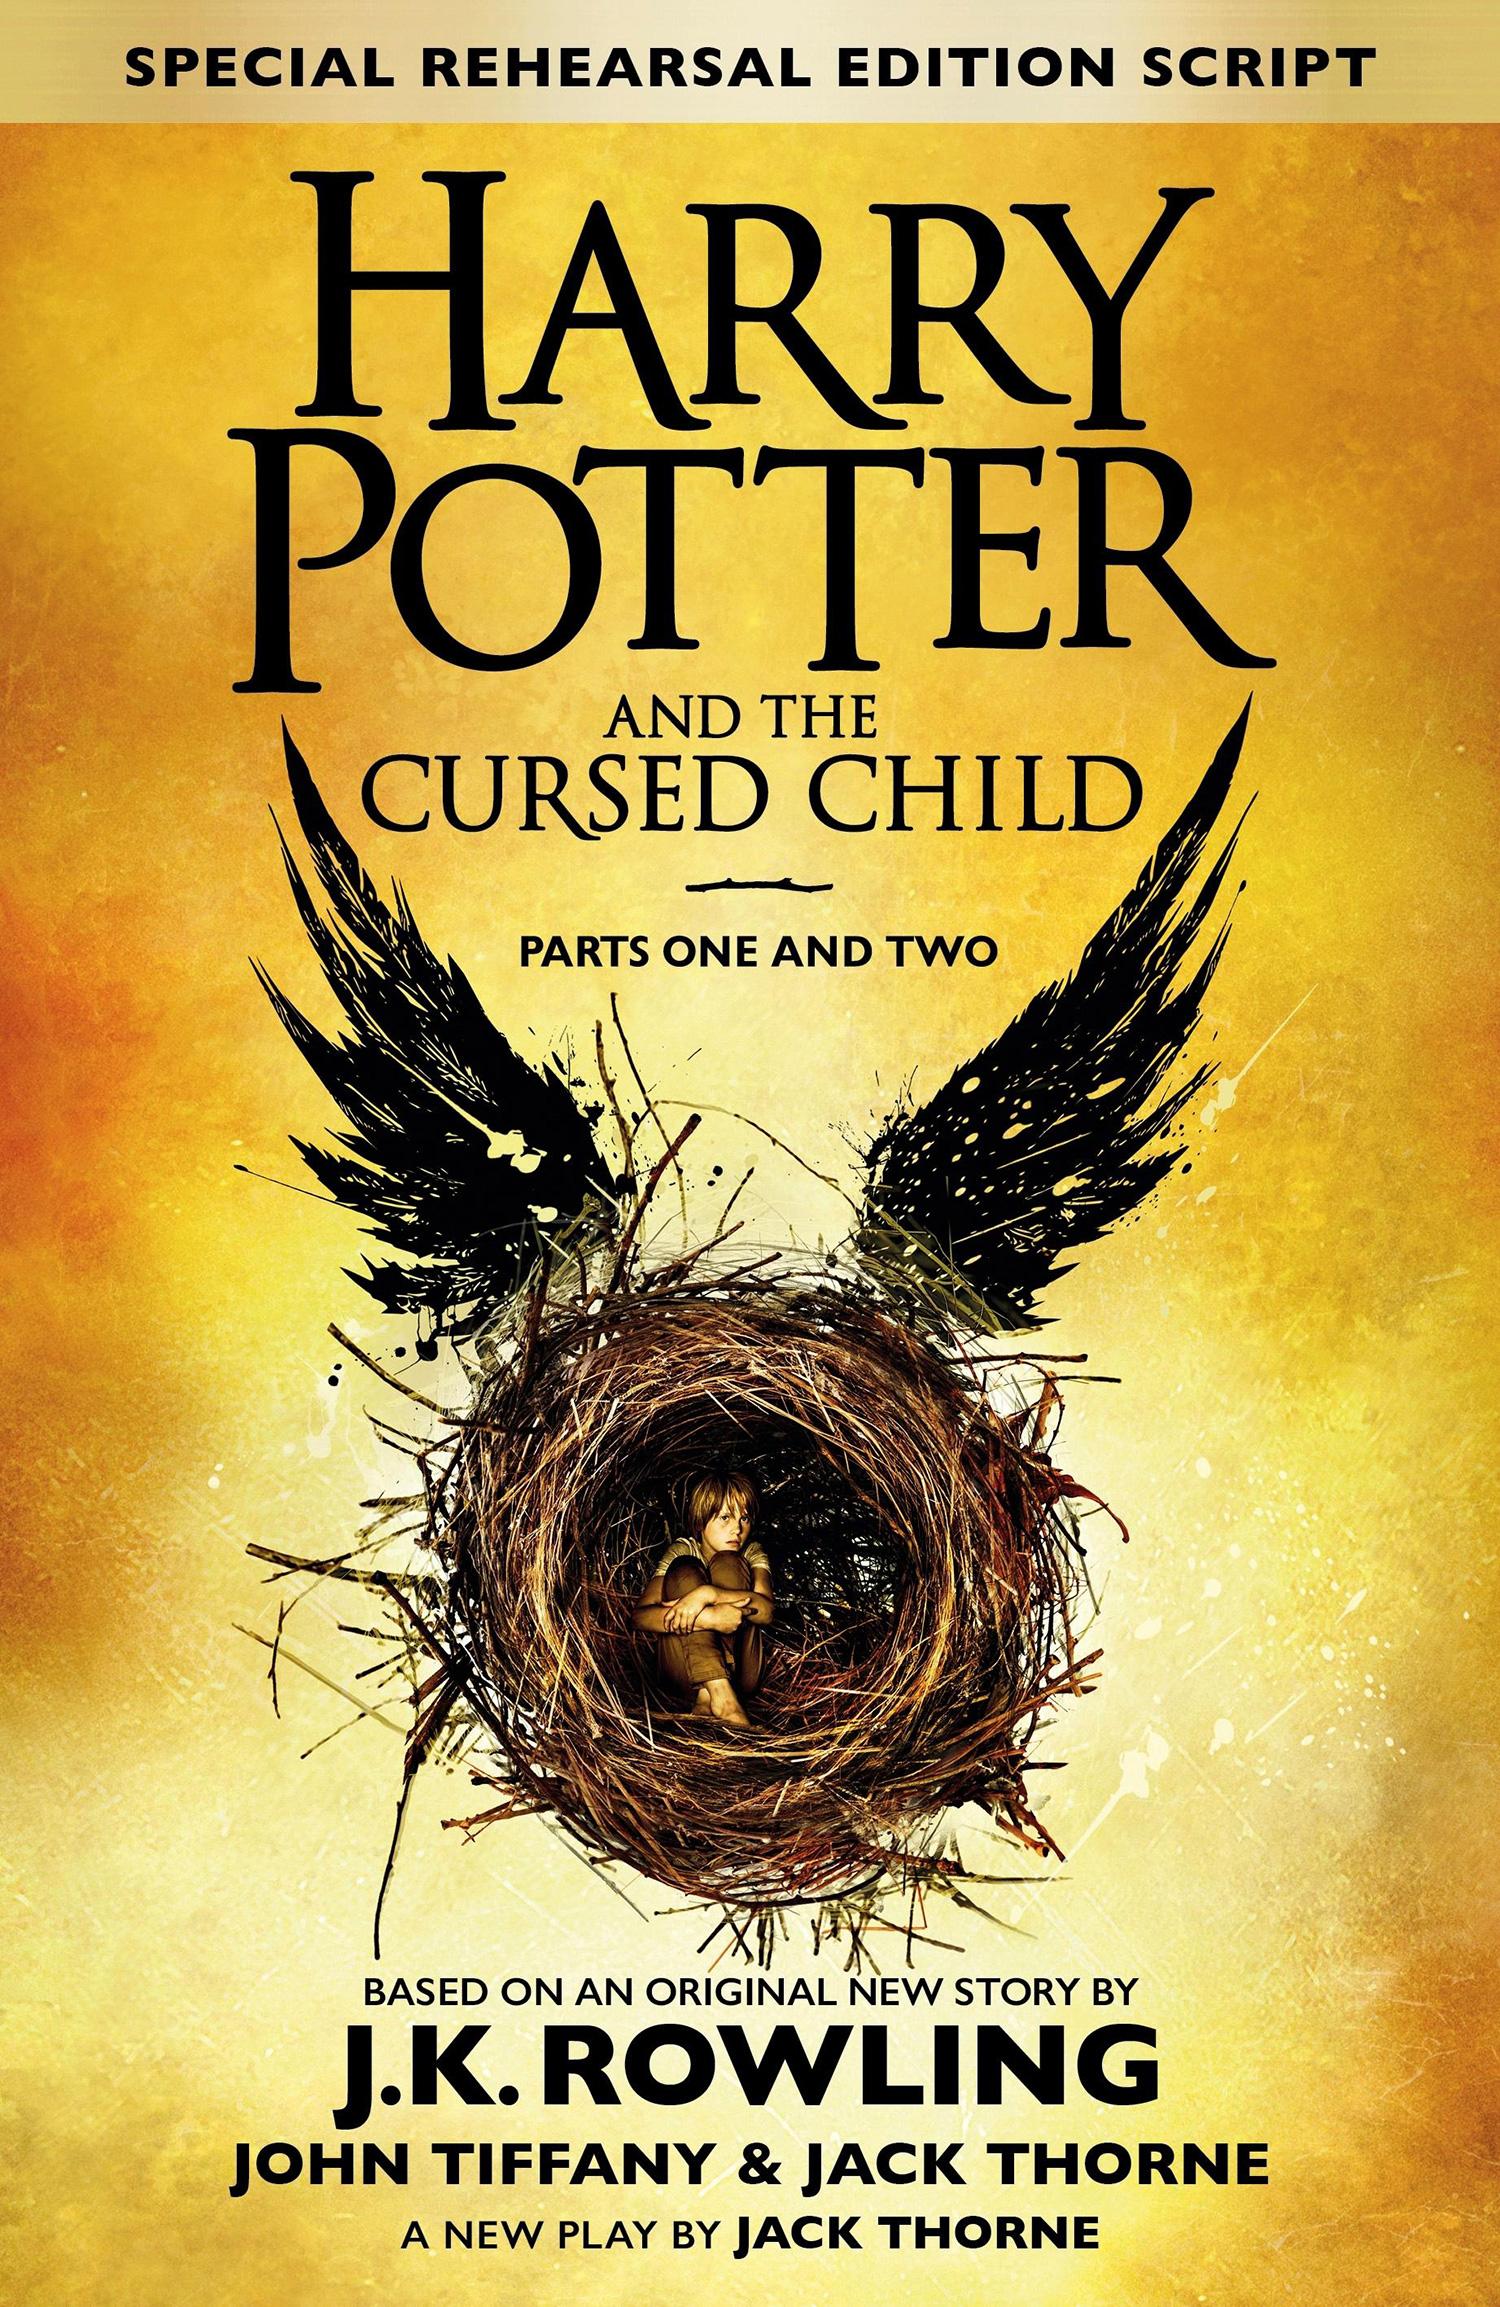 'Cursed Child' script book